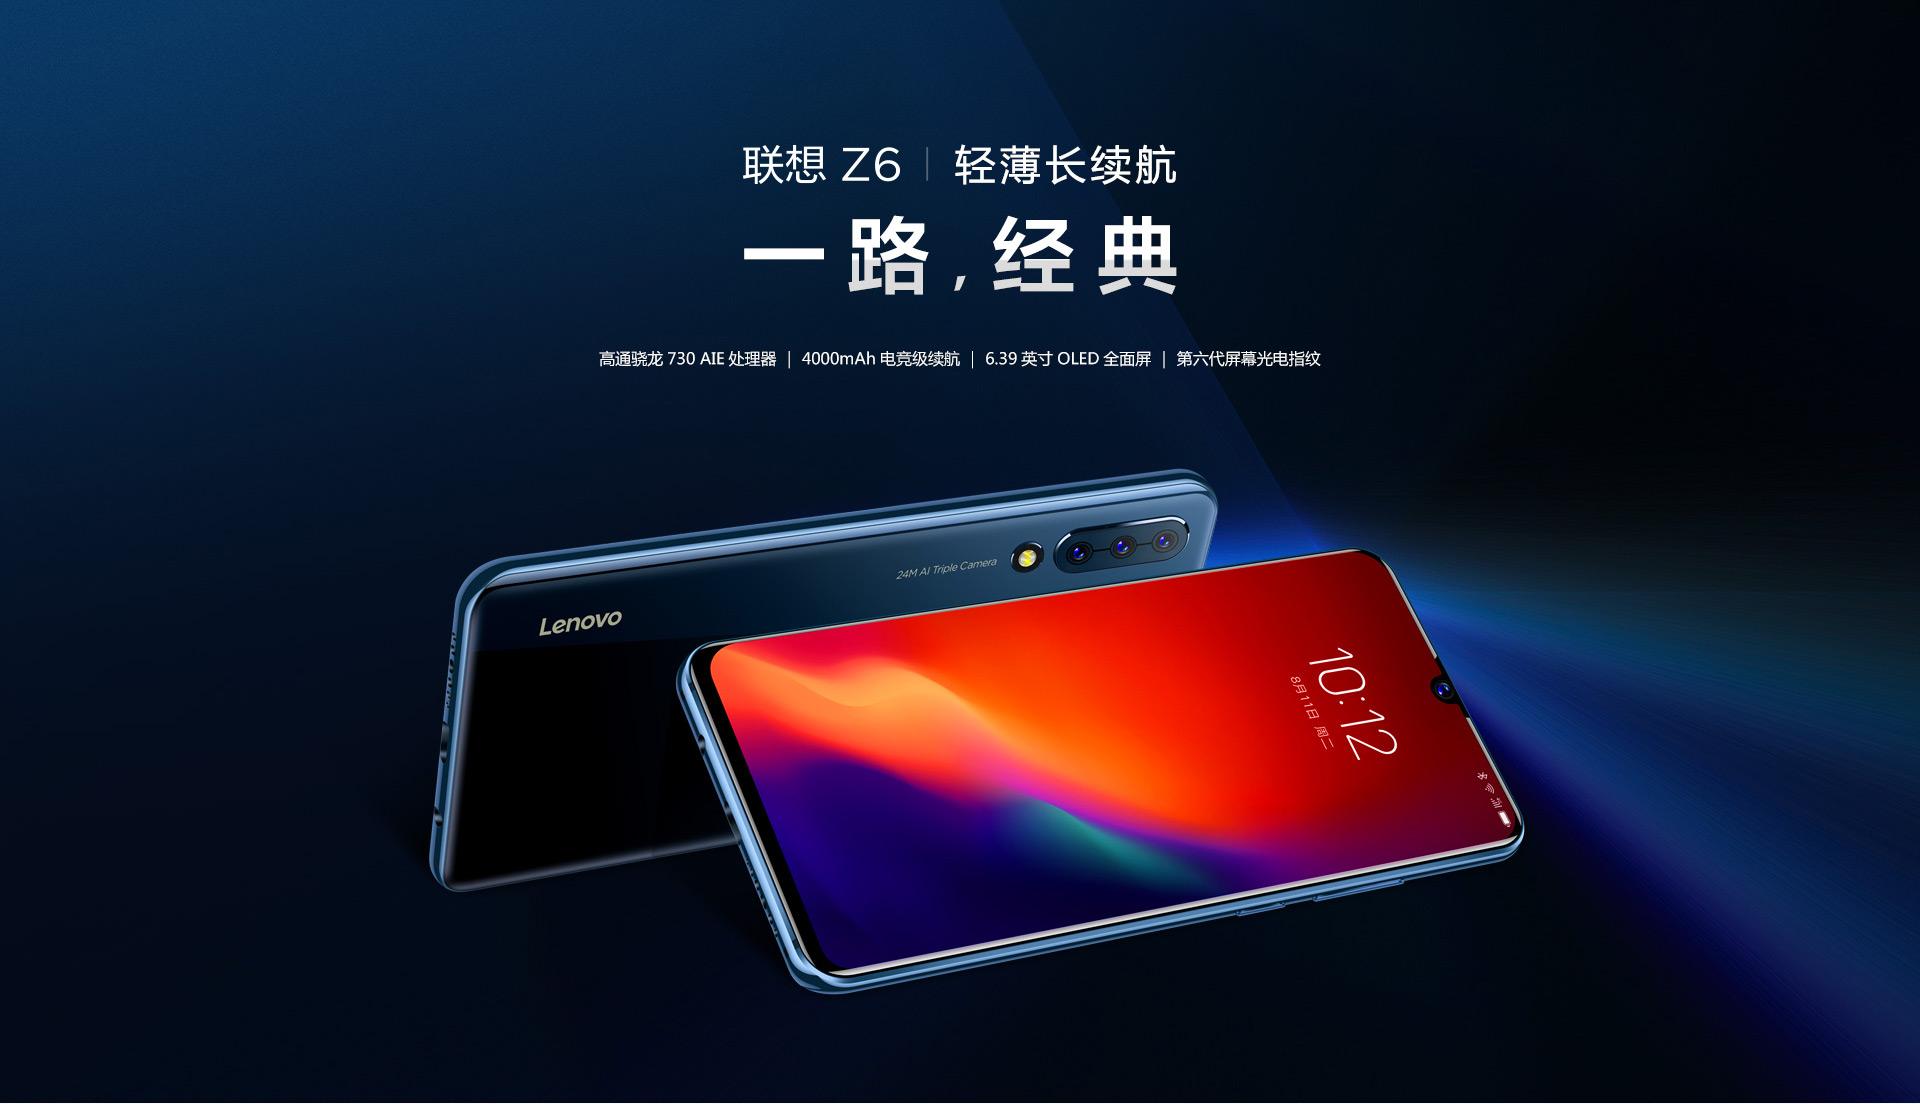 Представлен Lenovo Z6: 120-герцовый дисплей и тройная камера